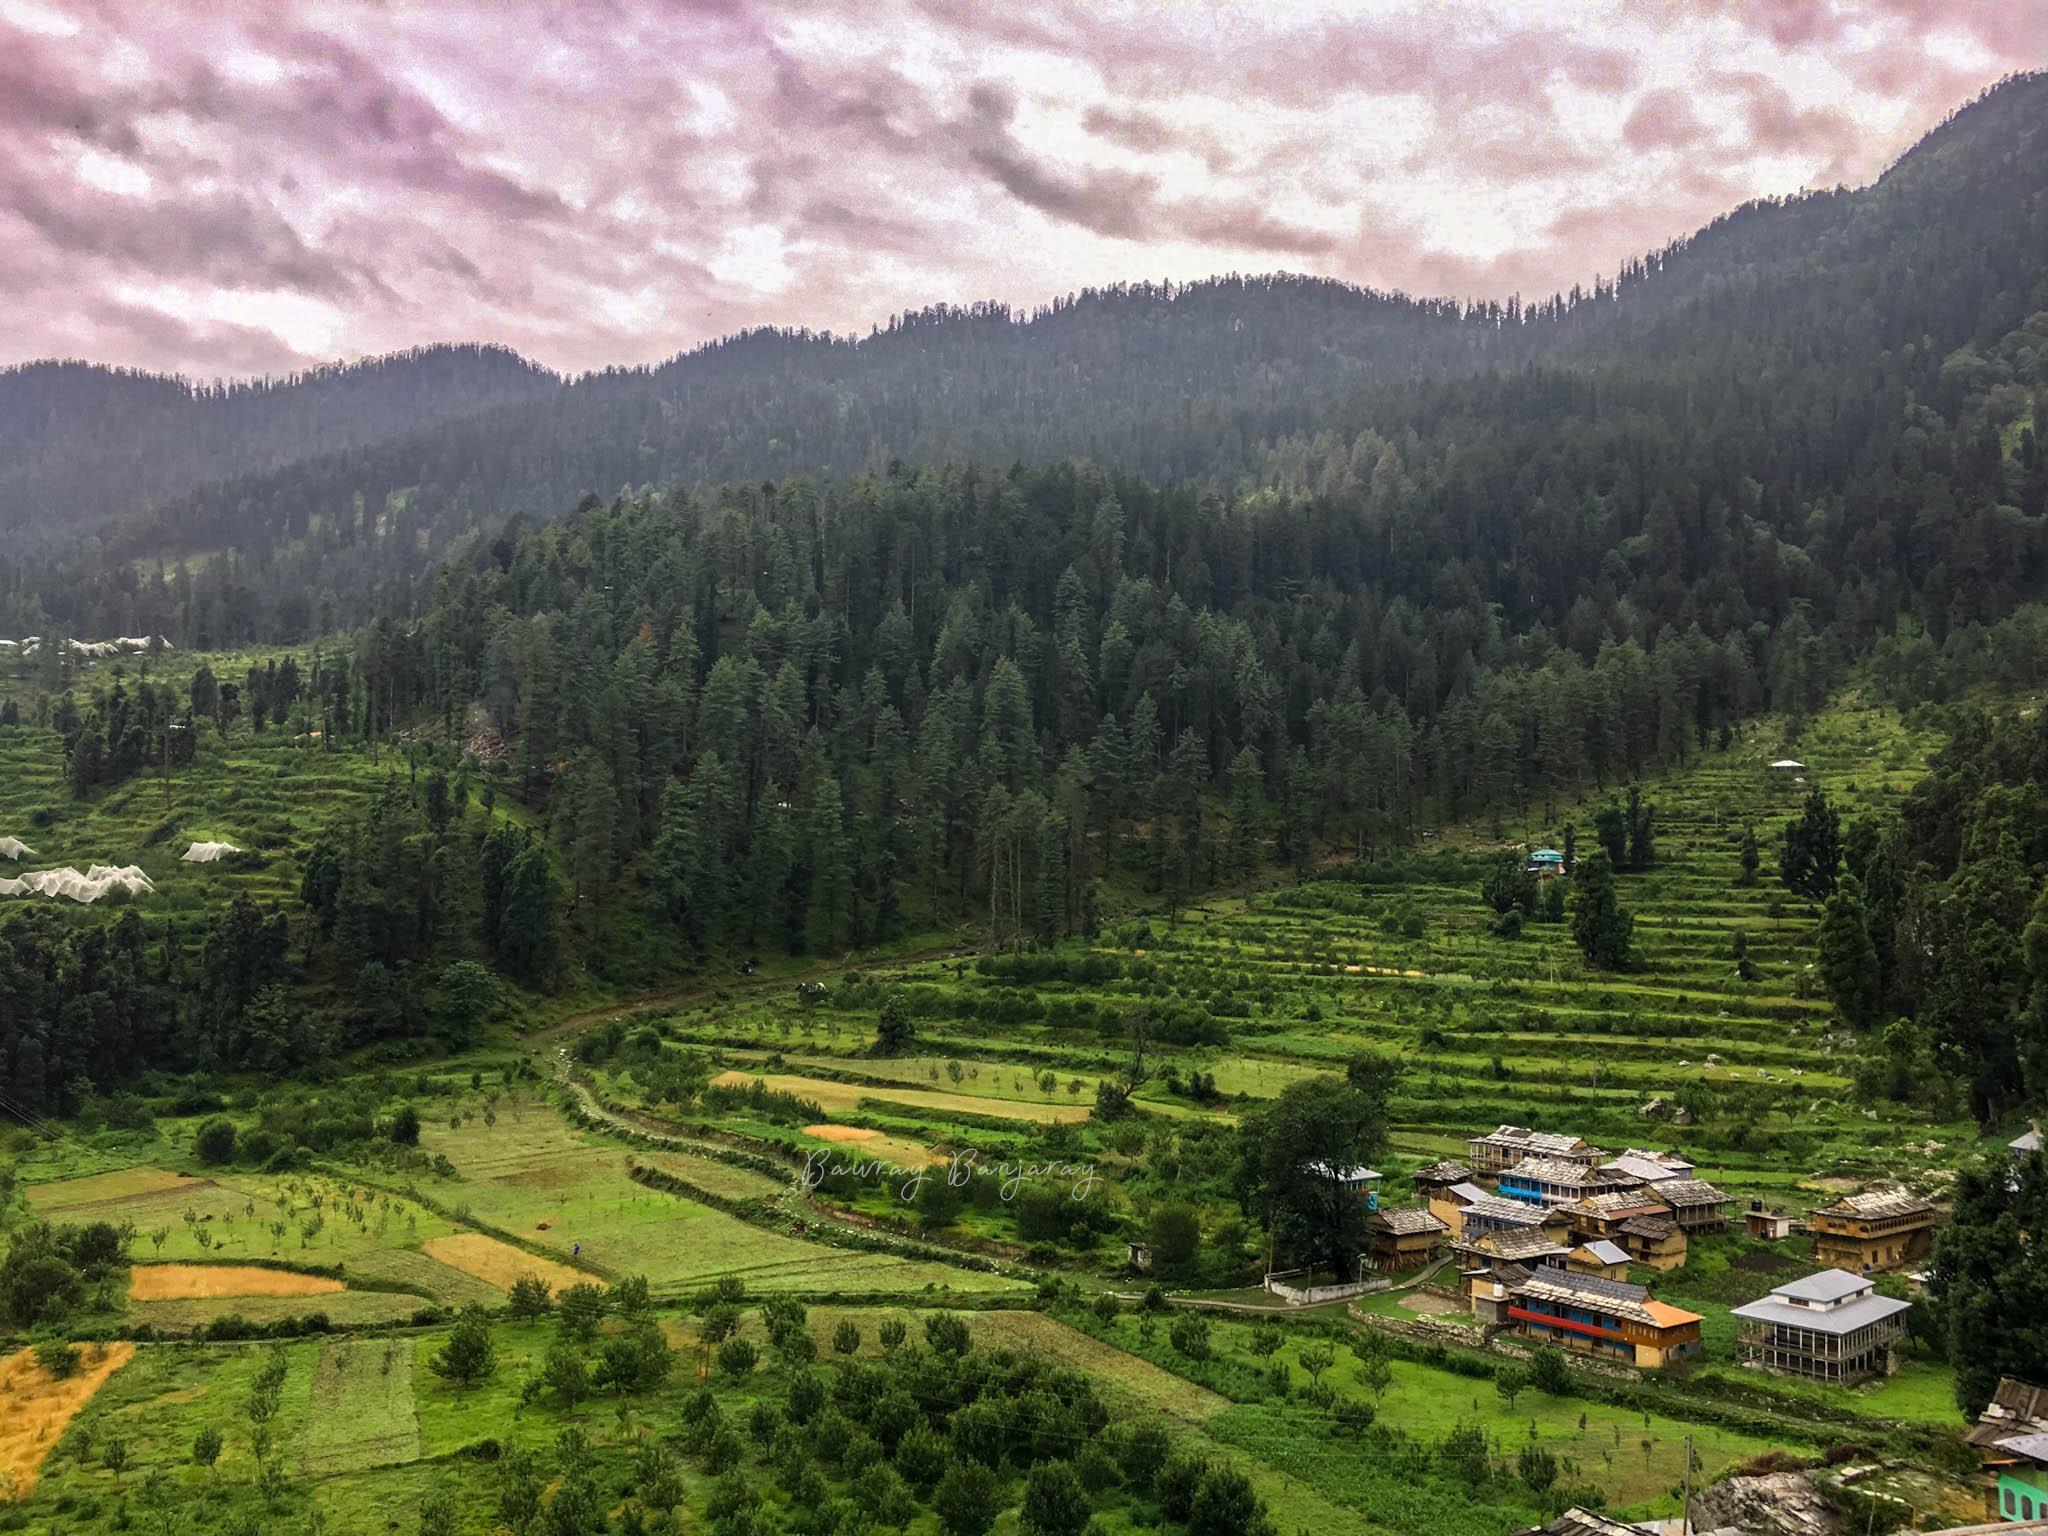 Diyaugi Village near Baga Sarahn